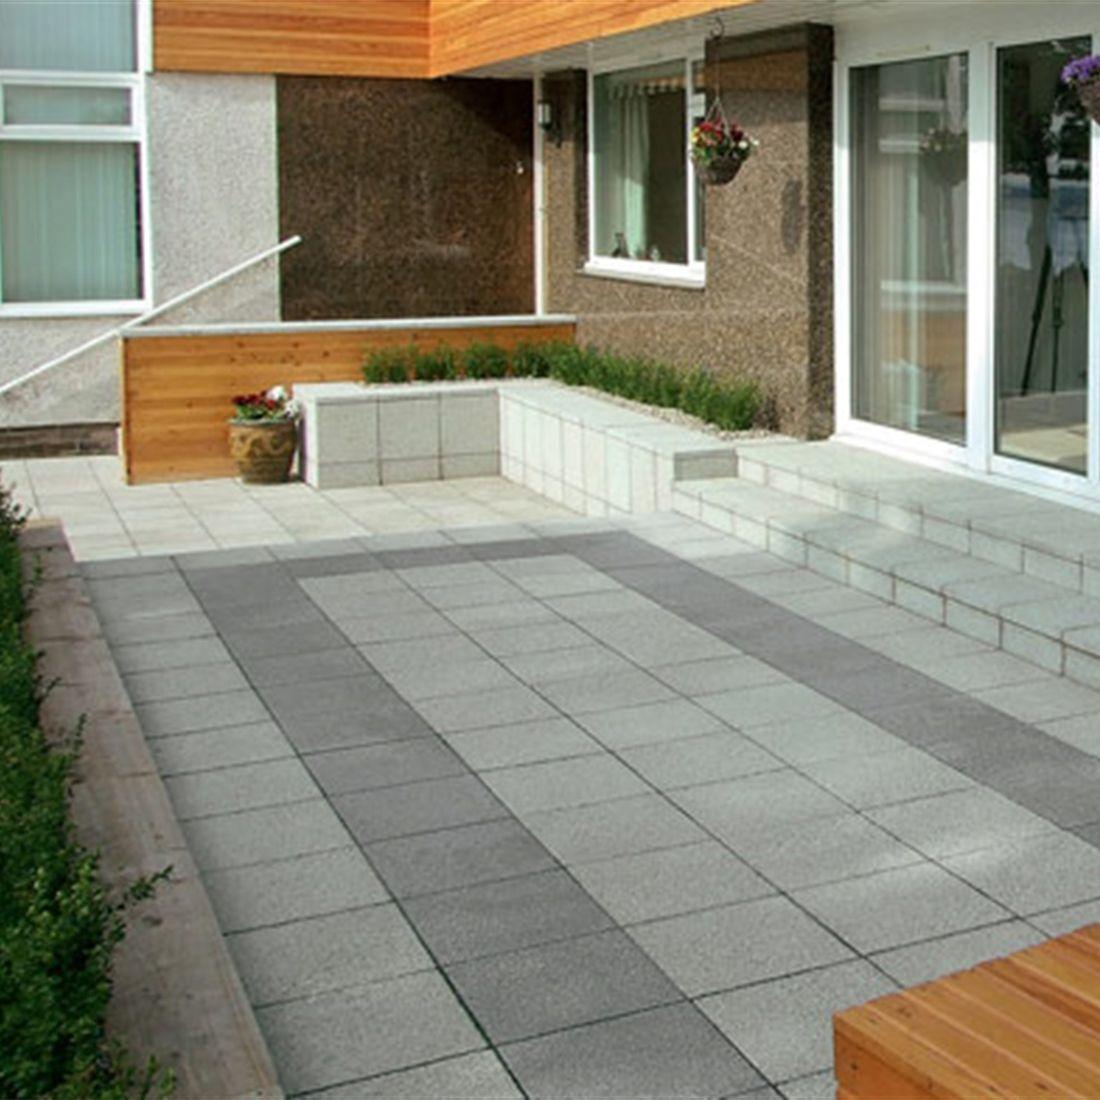 Design the best garden paving for walkway